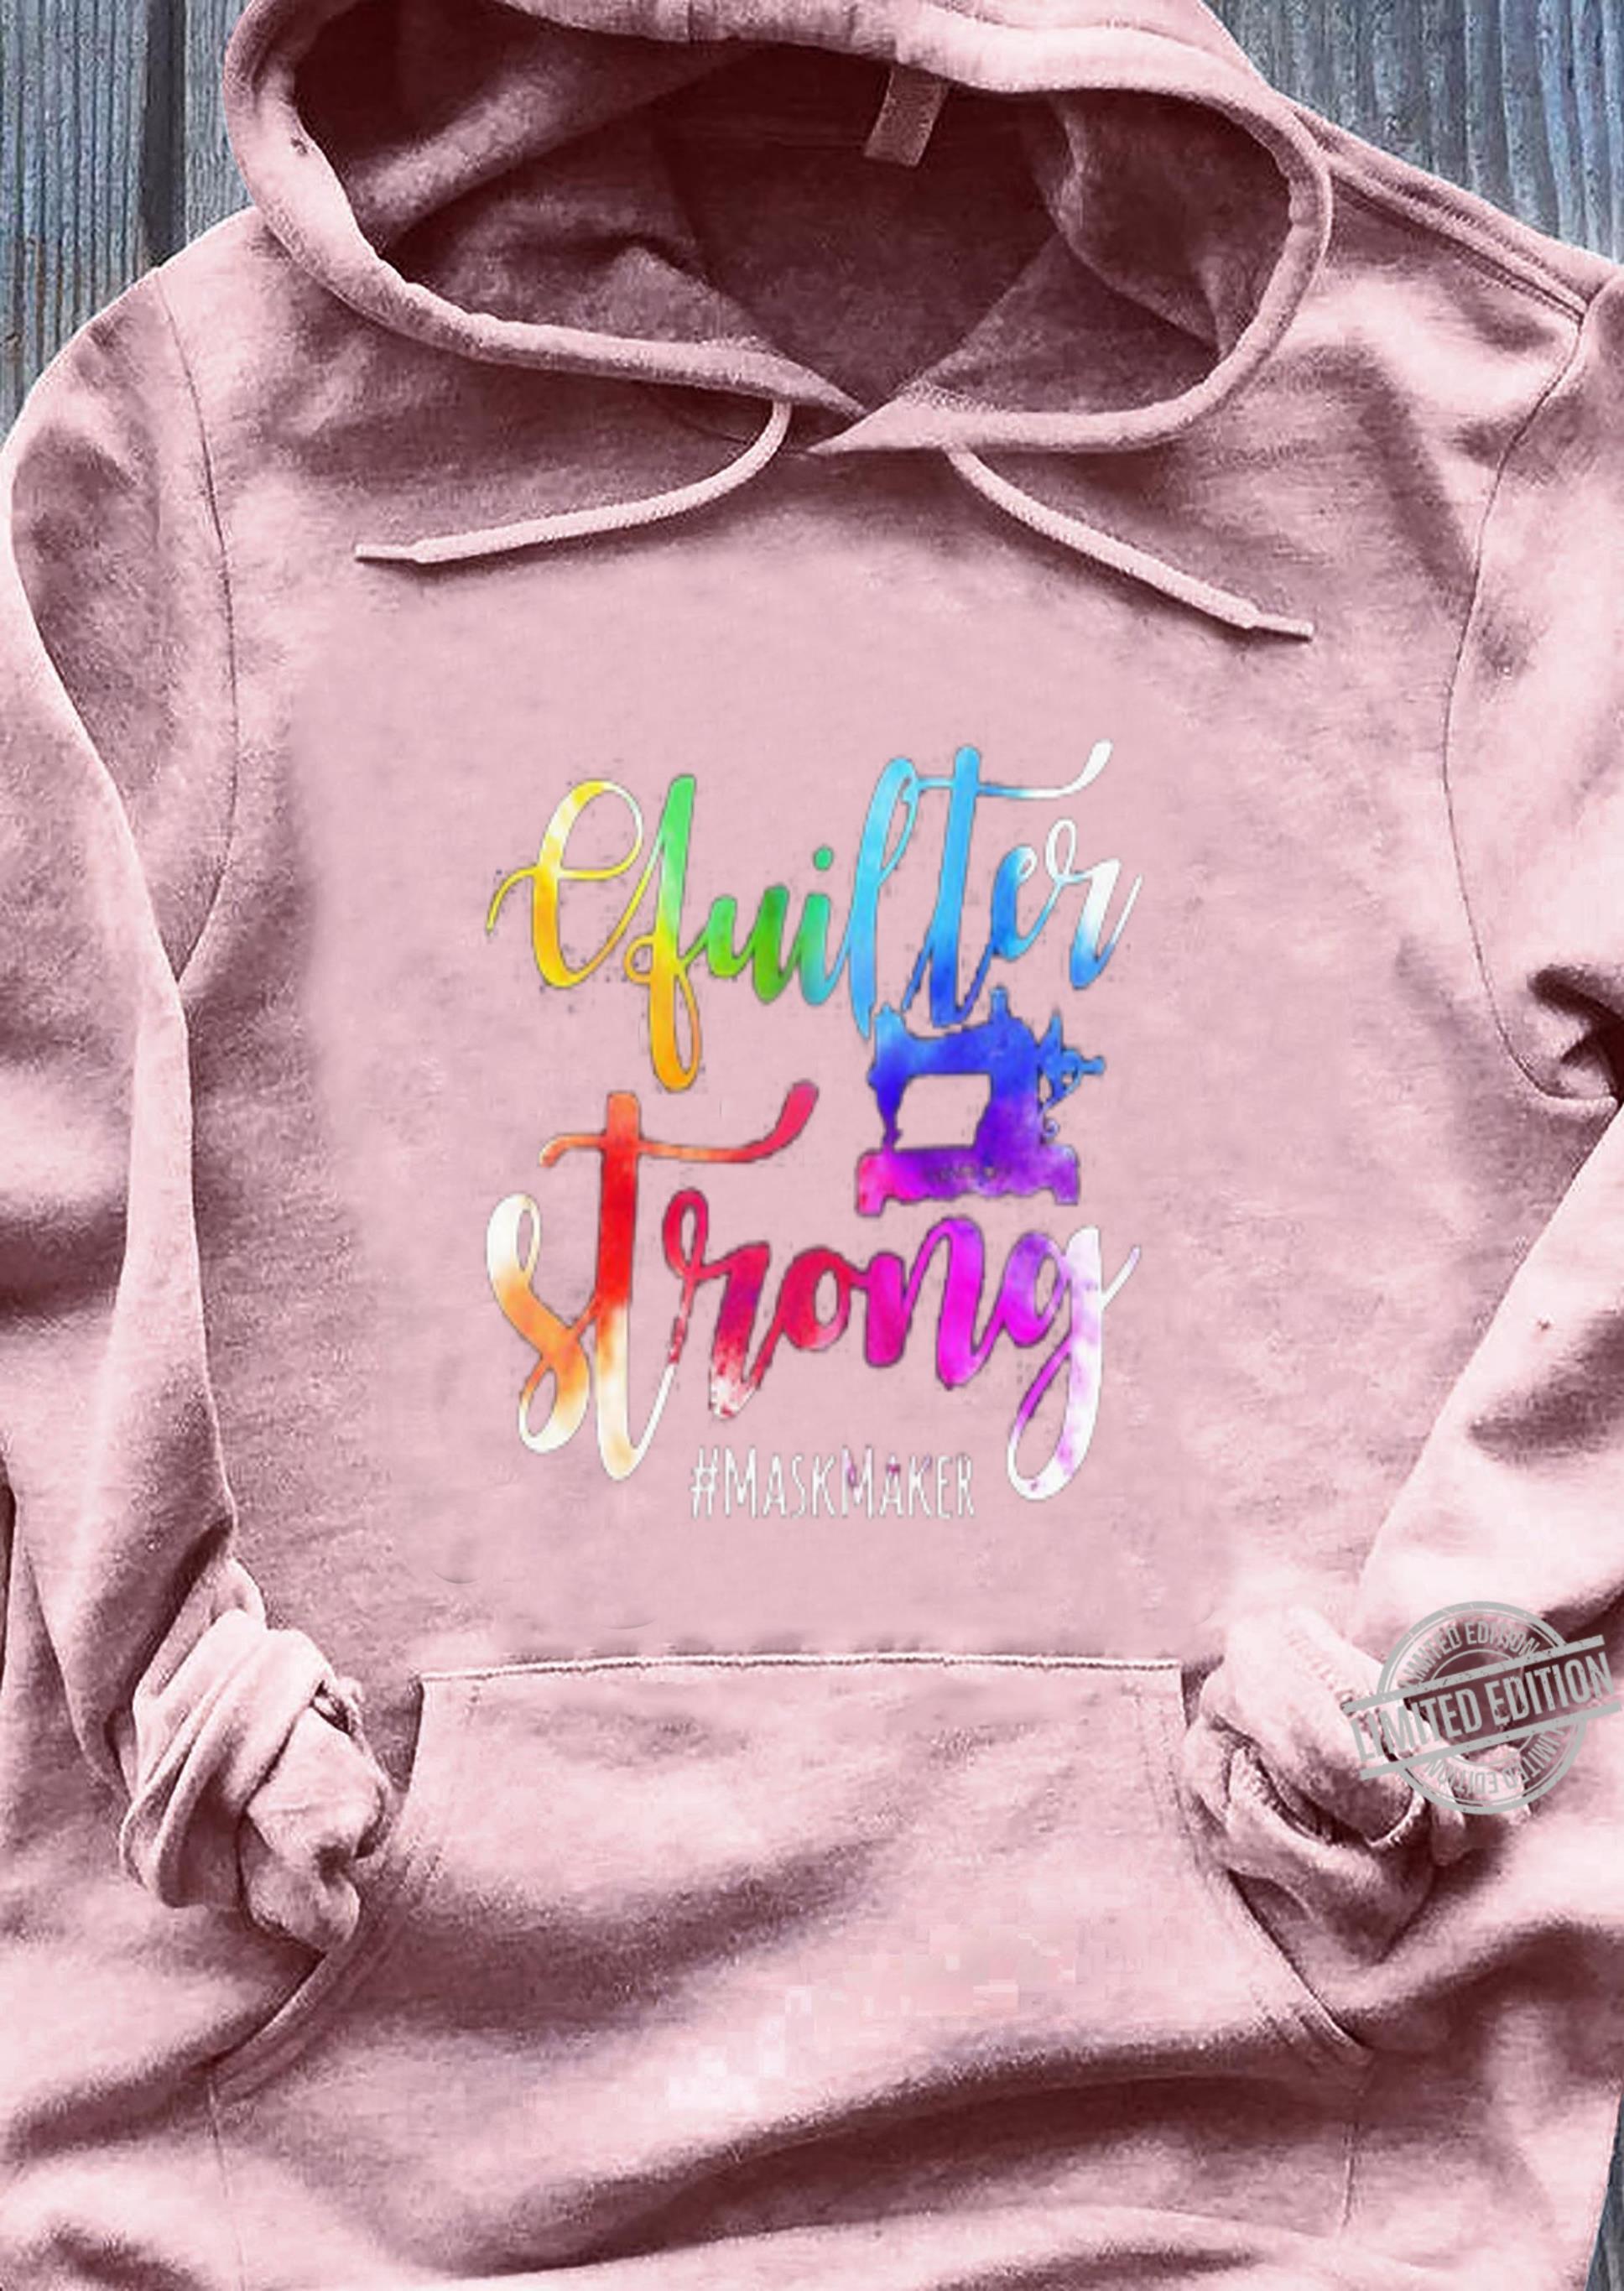 Quilter strong #maskmaker Coronavirus shirt, hoodie, sweater, longsleeve t-shirt sweater